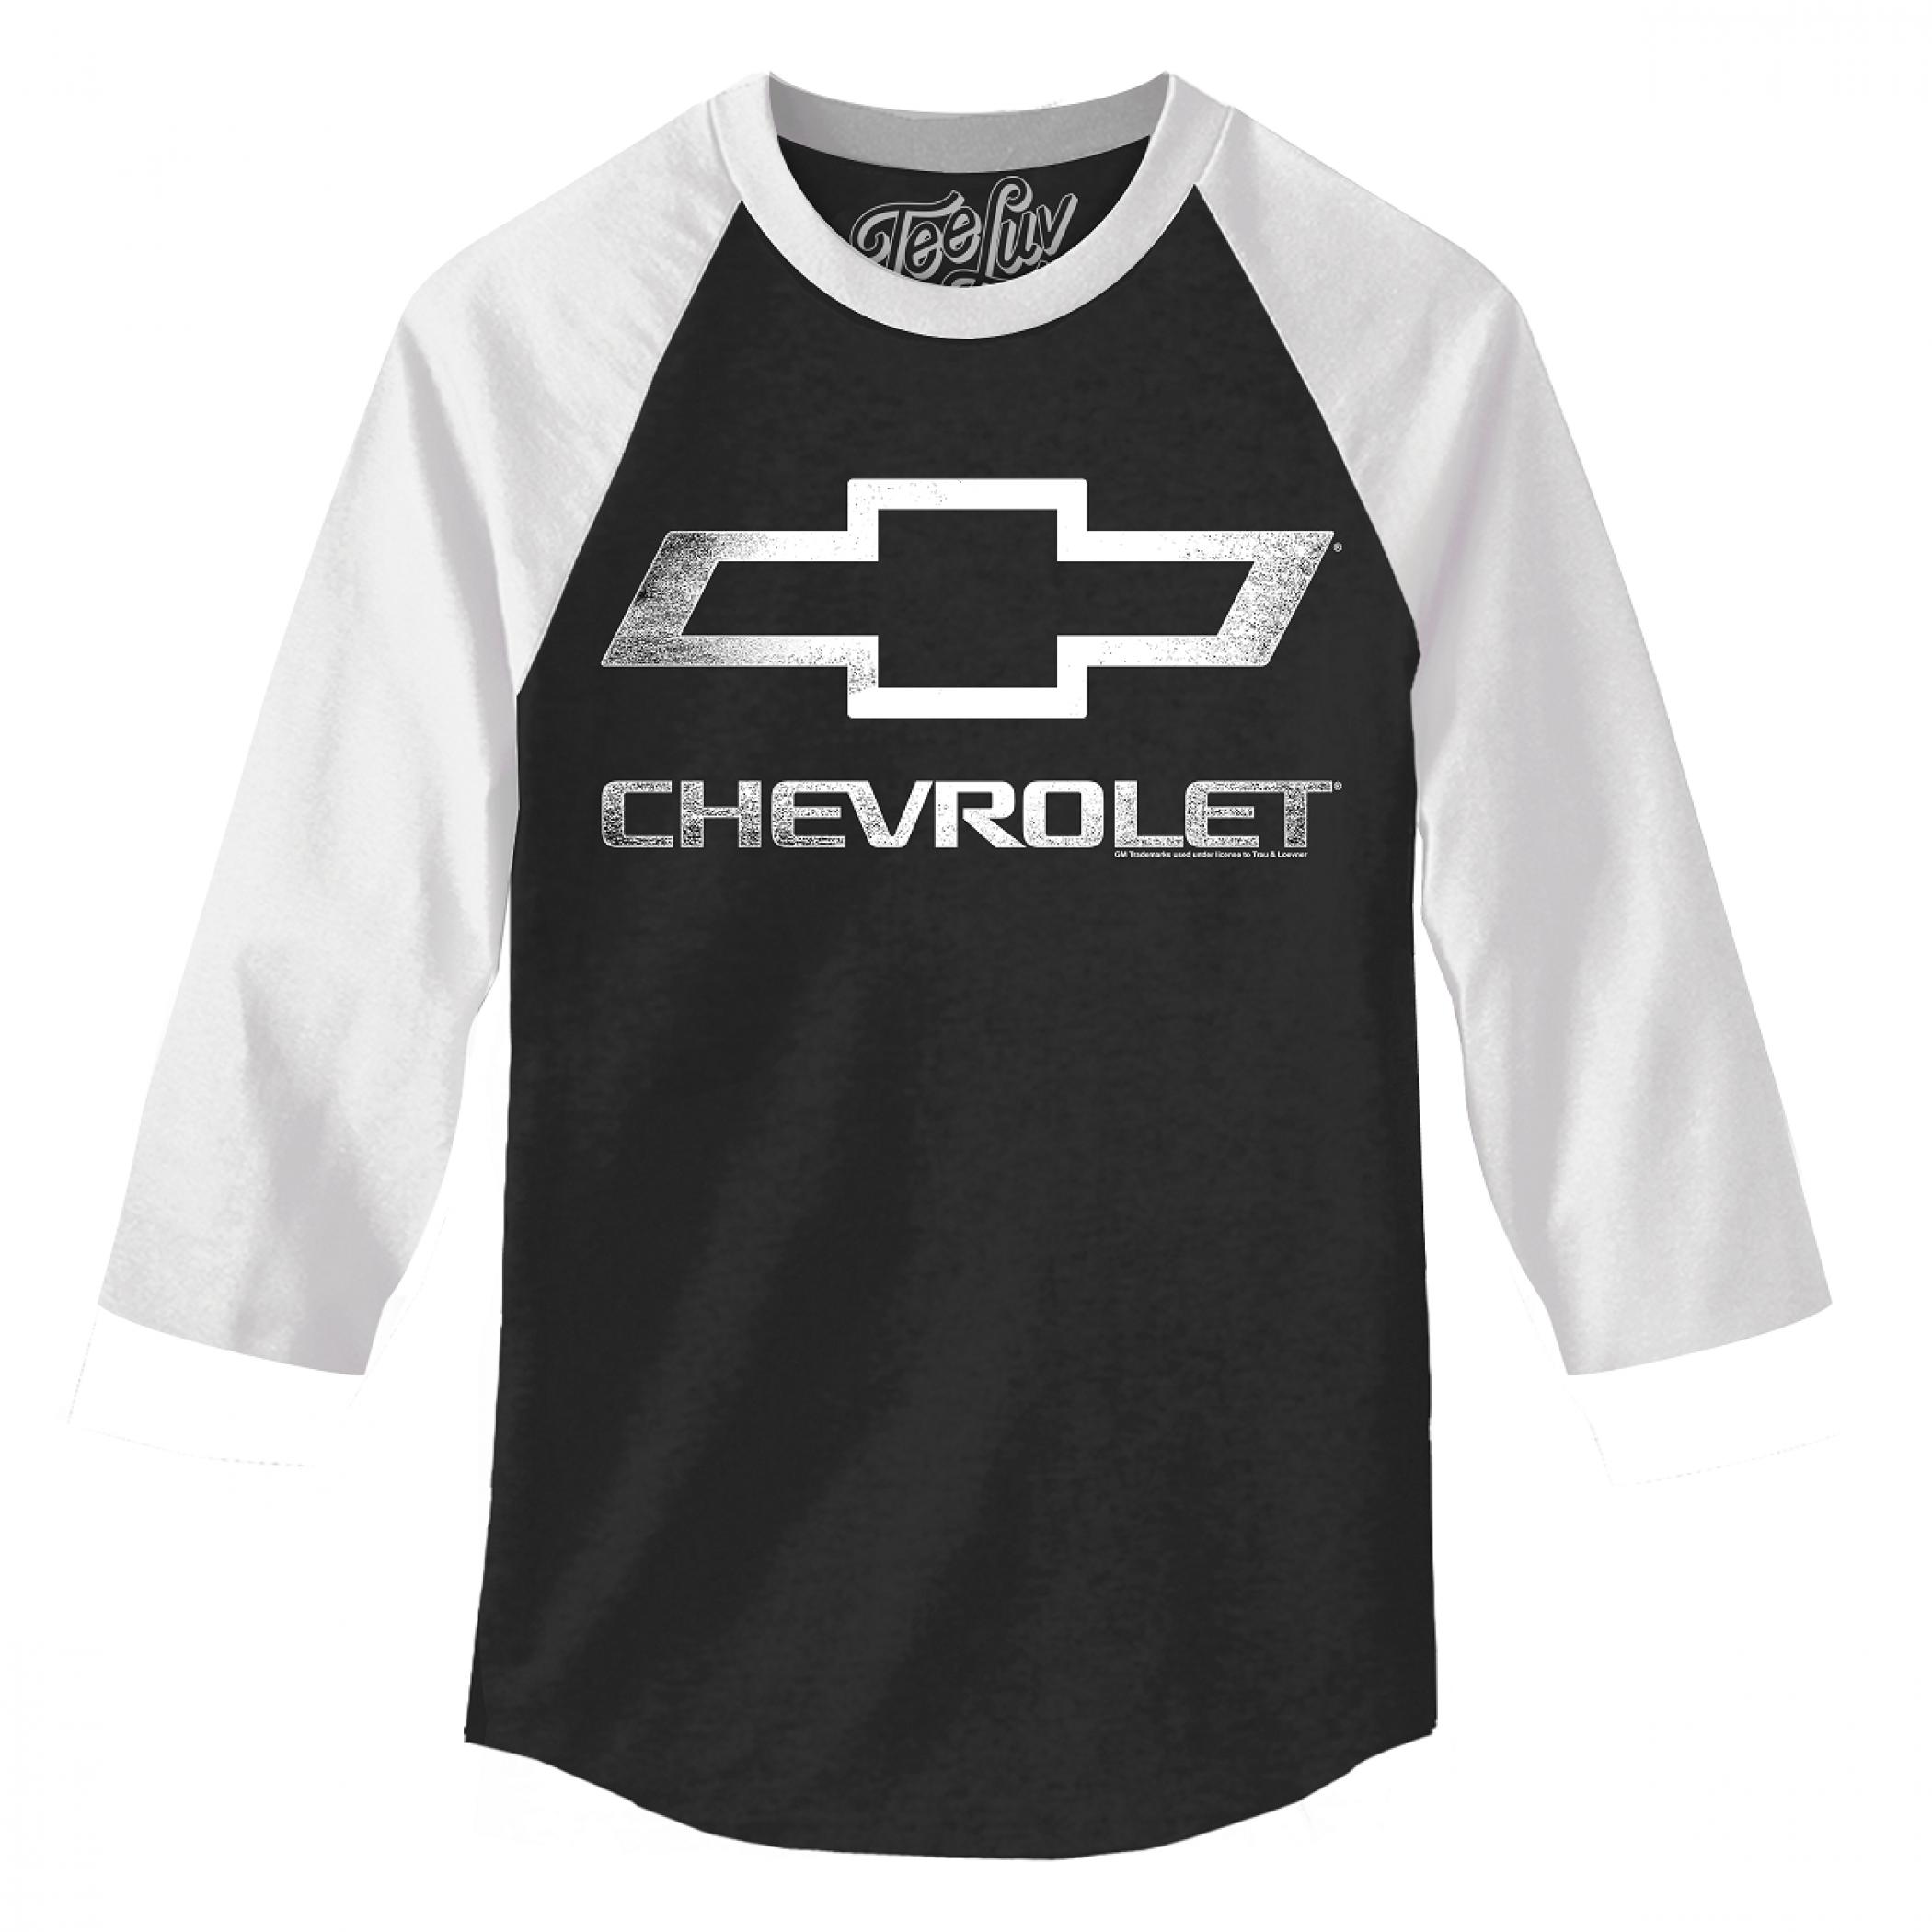 Chevrolet Black and White Baseball T-Shirt